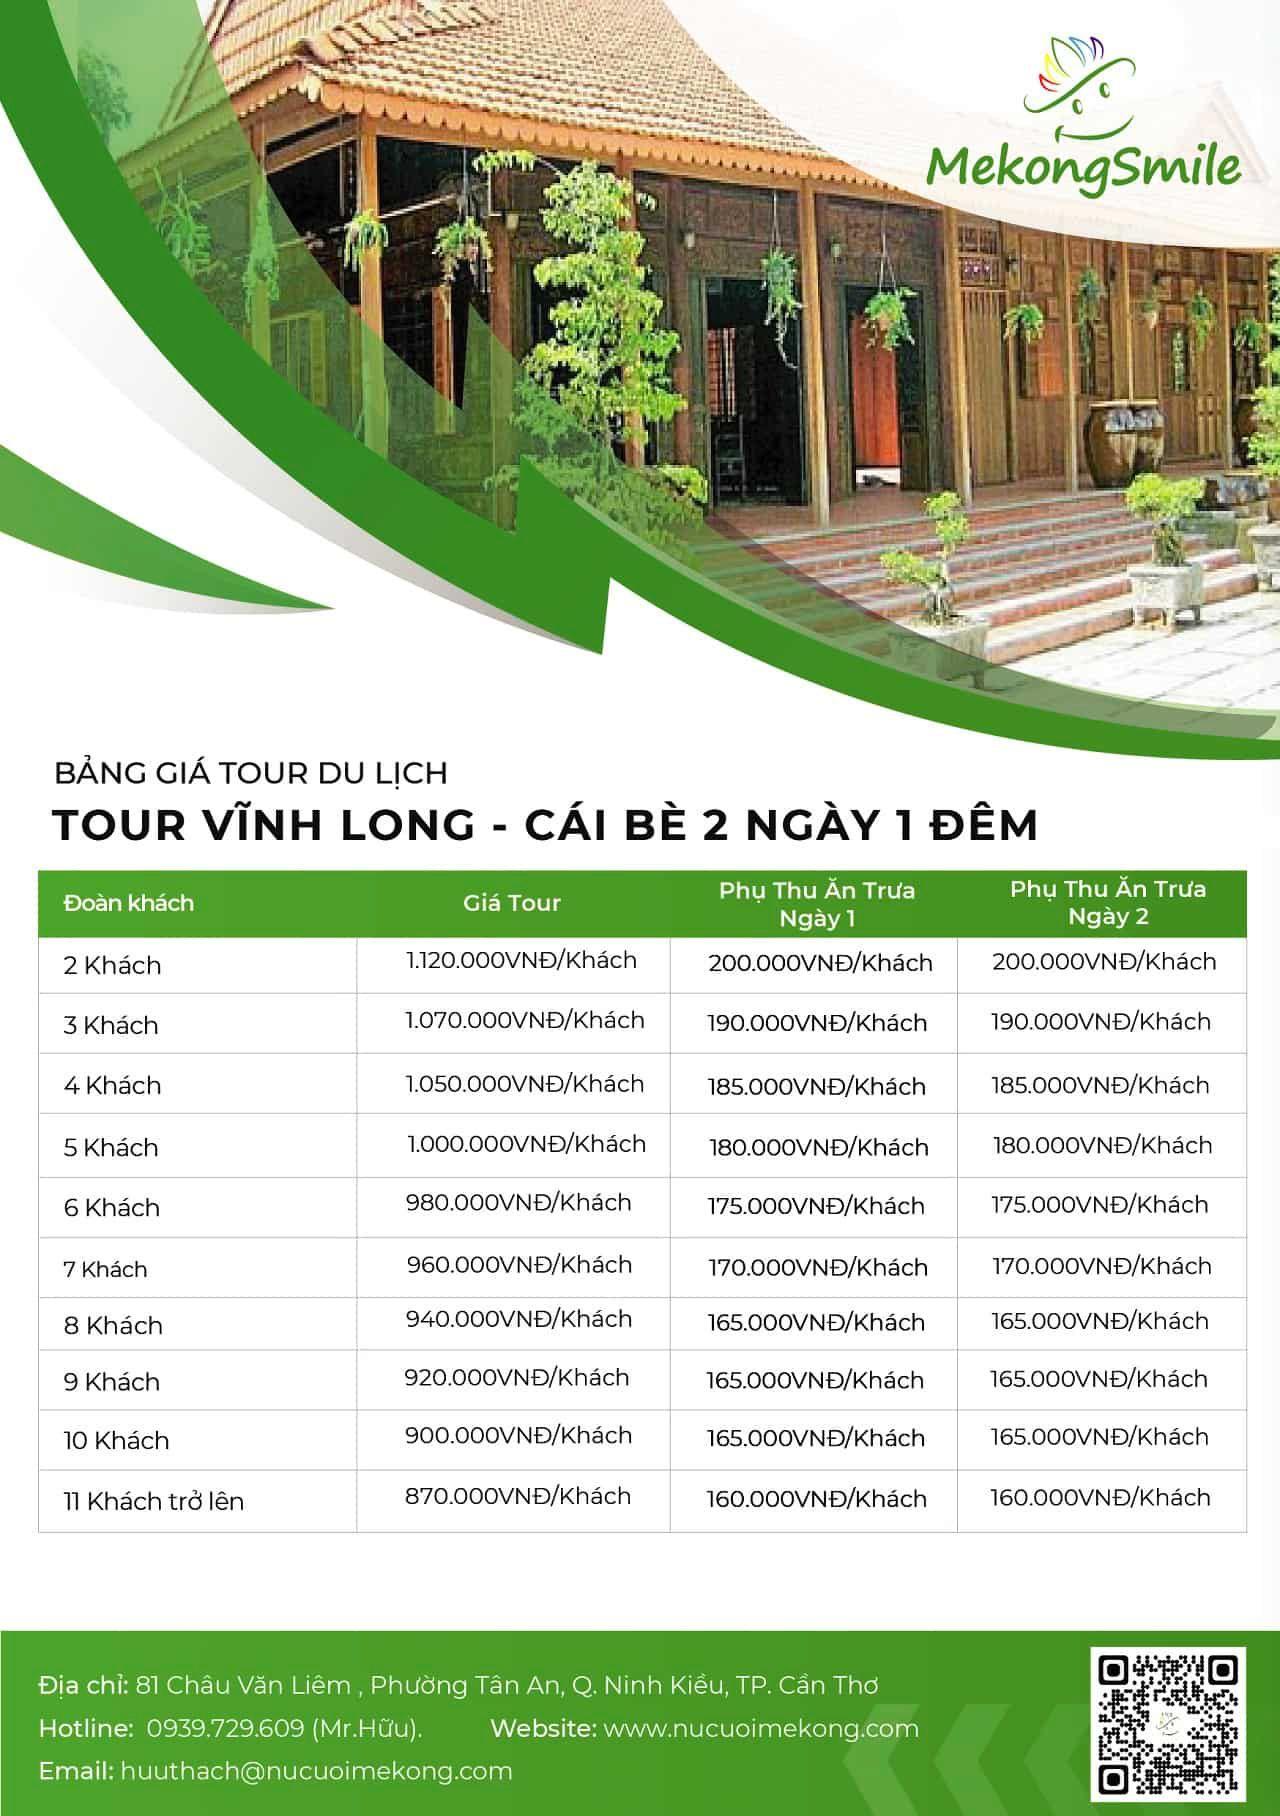 Bảng giá tour Vĩnh Long Cái Bè 2 ngày 1 đêm